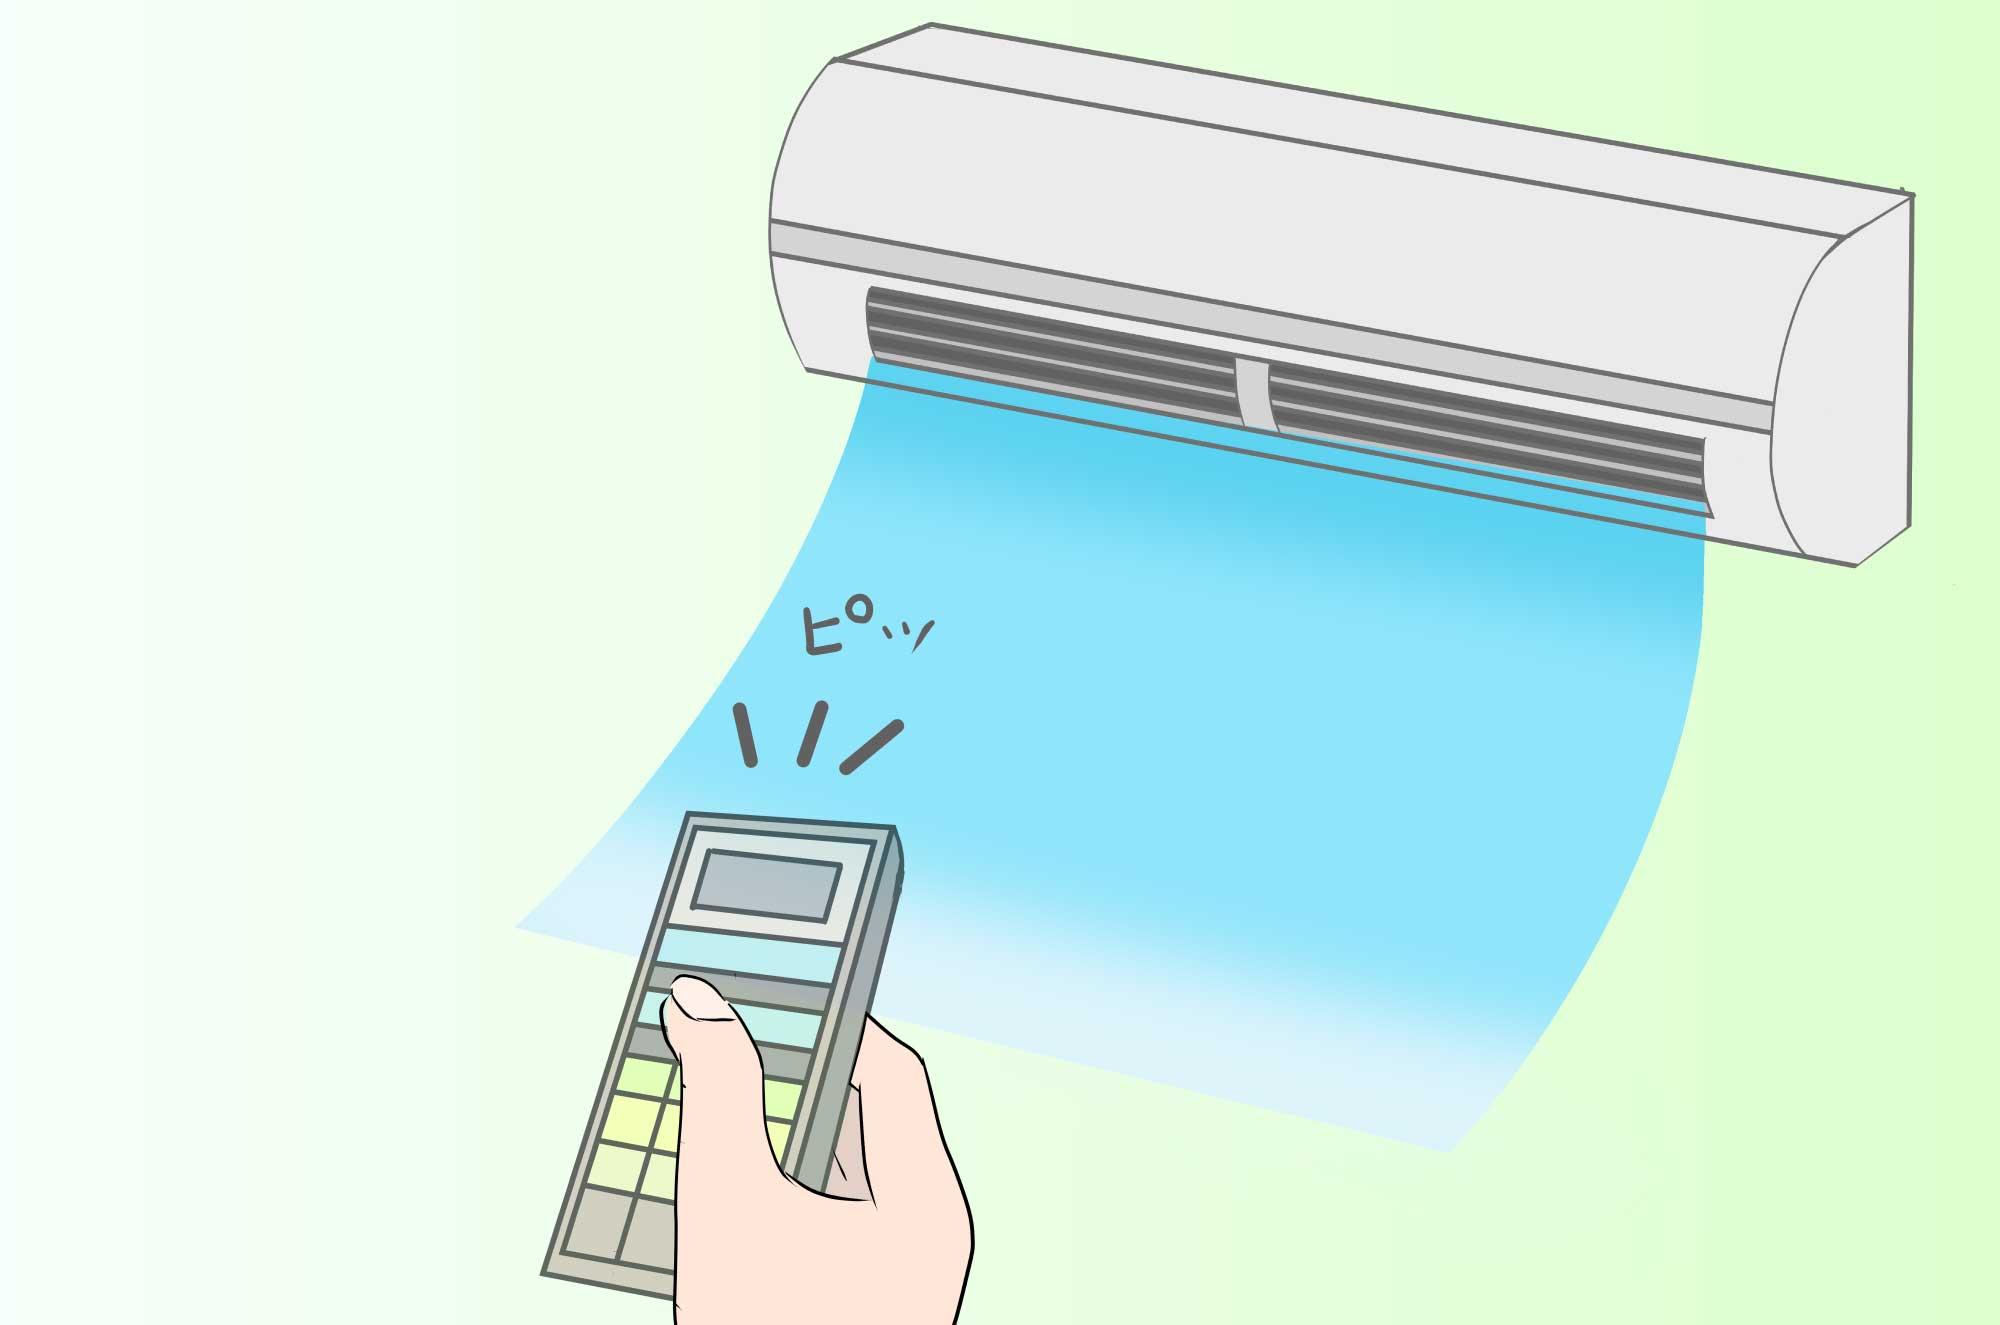 エアコンのイラスト - 冷暖房の生活必需家電の素材